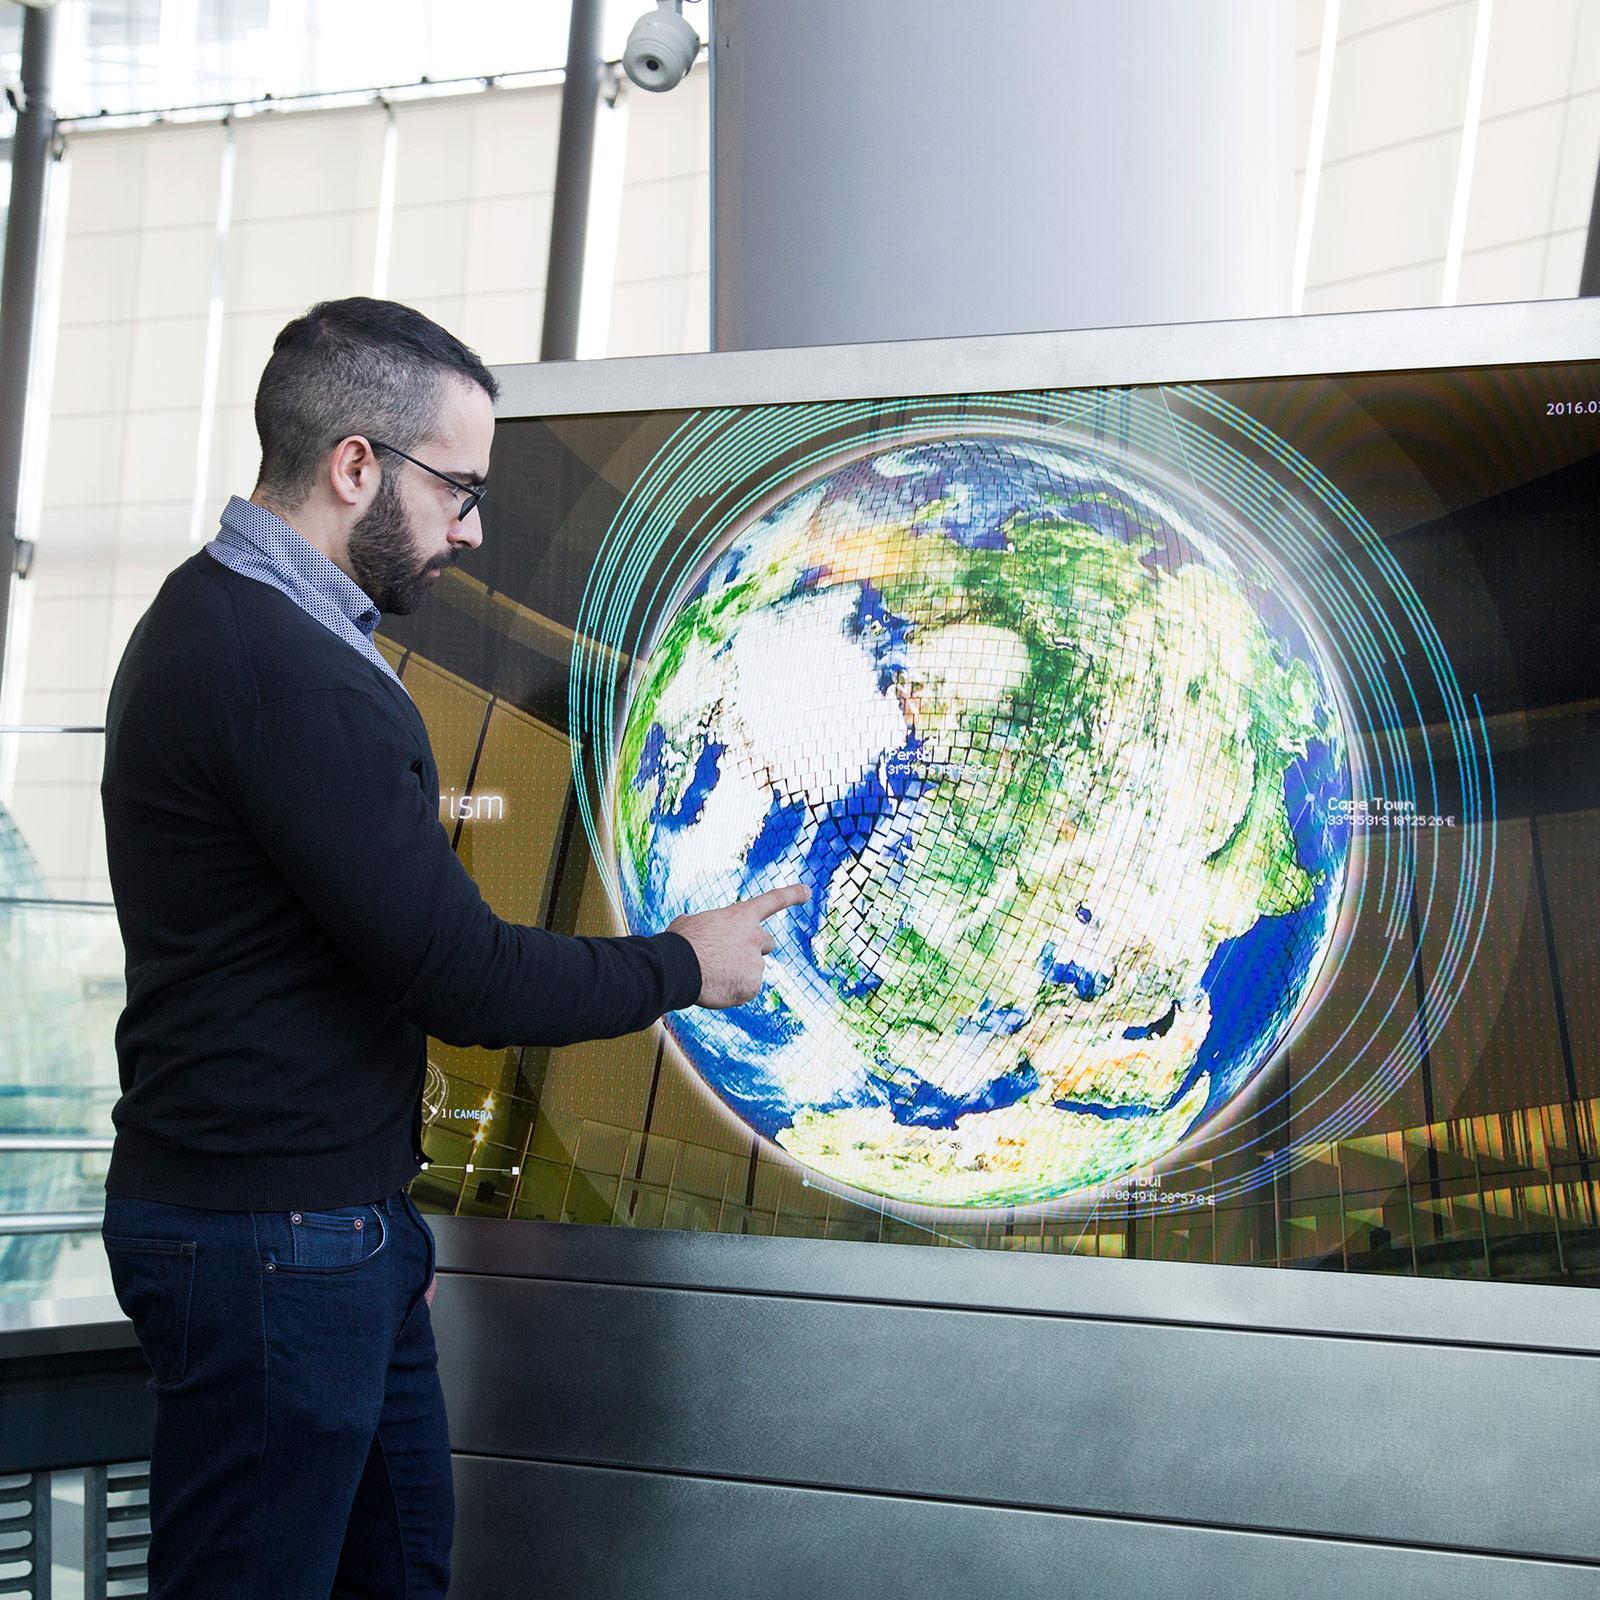 シンボルゾーンとオーバルブリッジに設置された「ジオ・プリズム」。タッチスクリーン端末を使って360度、どの方向からもジオ・コスモスを鑑賞できる。CGと複数のカメラ映像をダイナミックに織りまぜたデータが、地球上に可視化される。